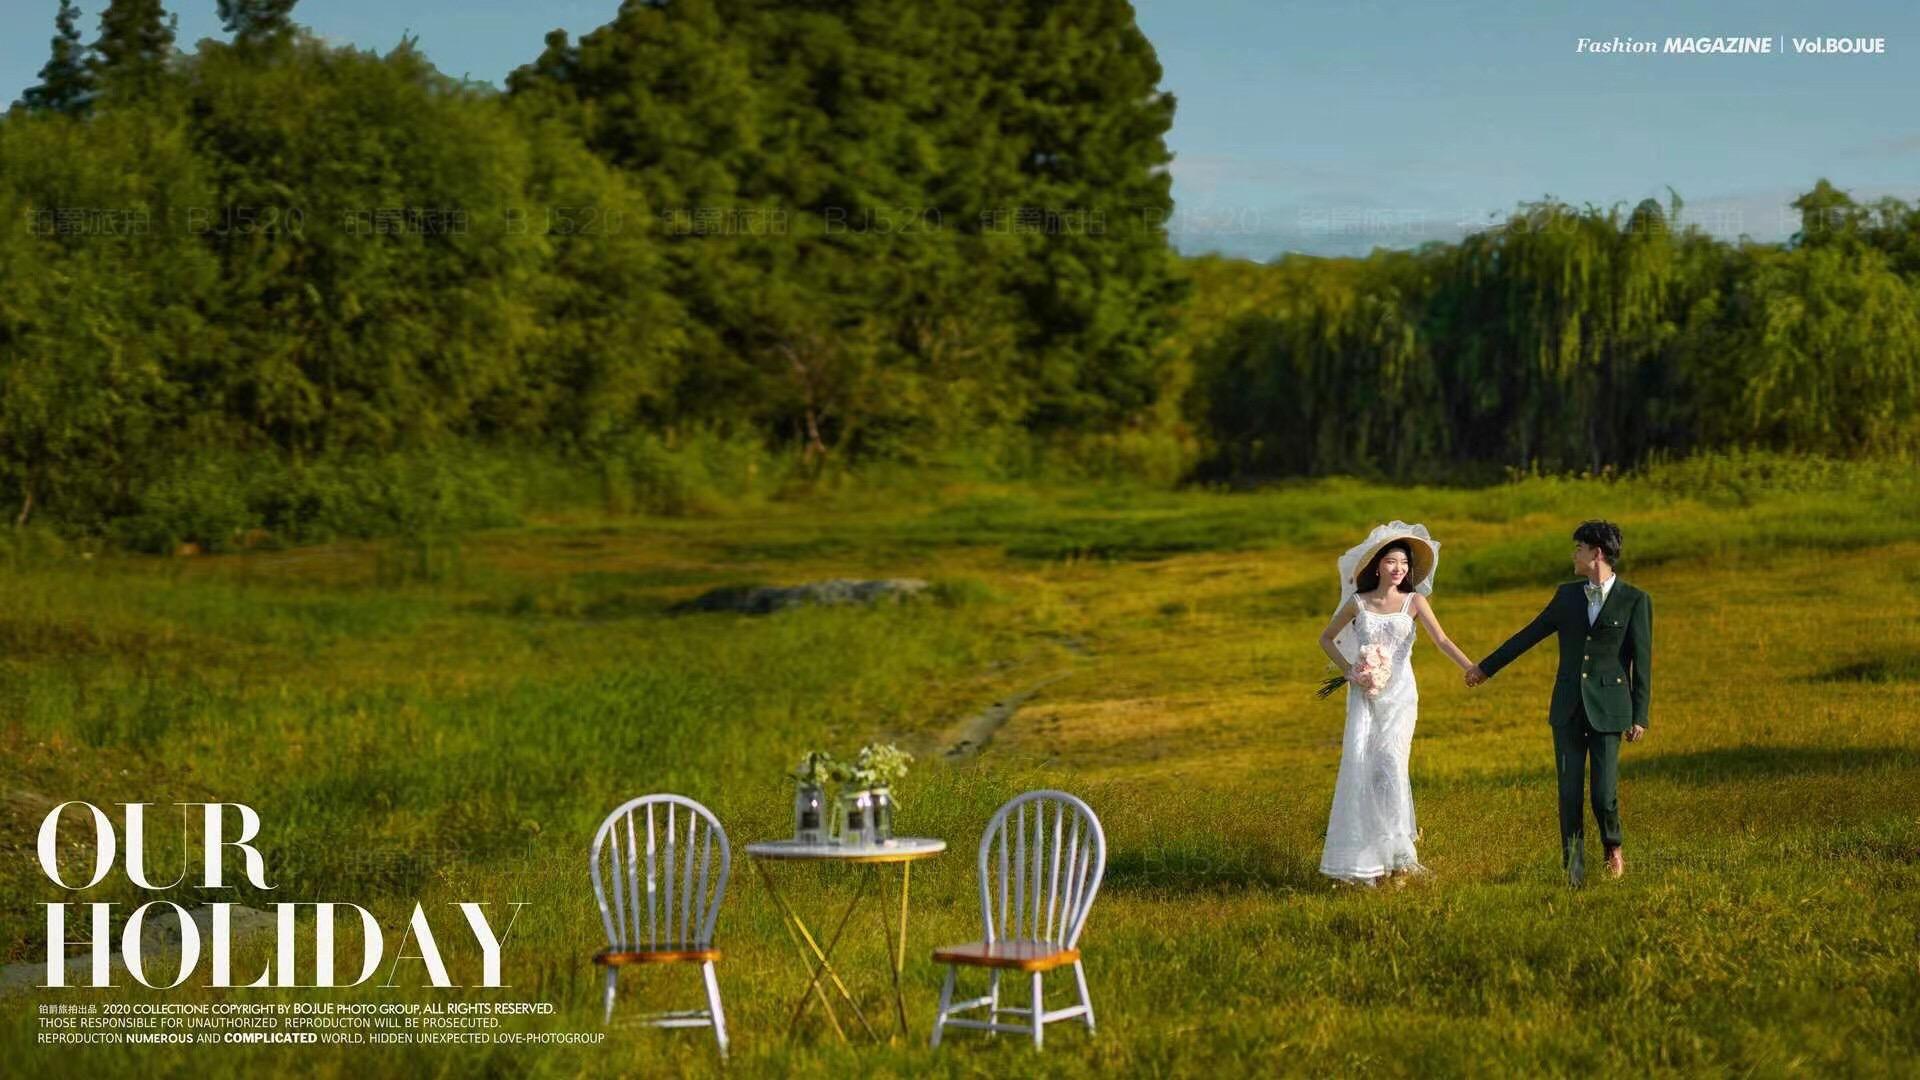 铂爵旅拍婚纱照 记录在大理的婚纱摄影之旅